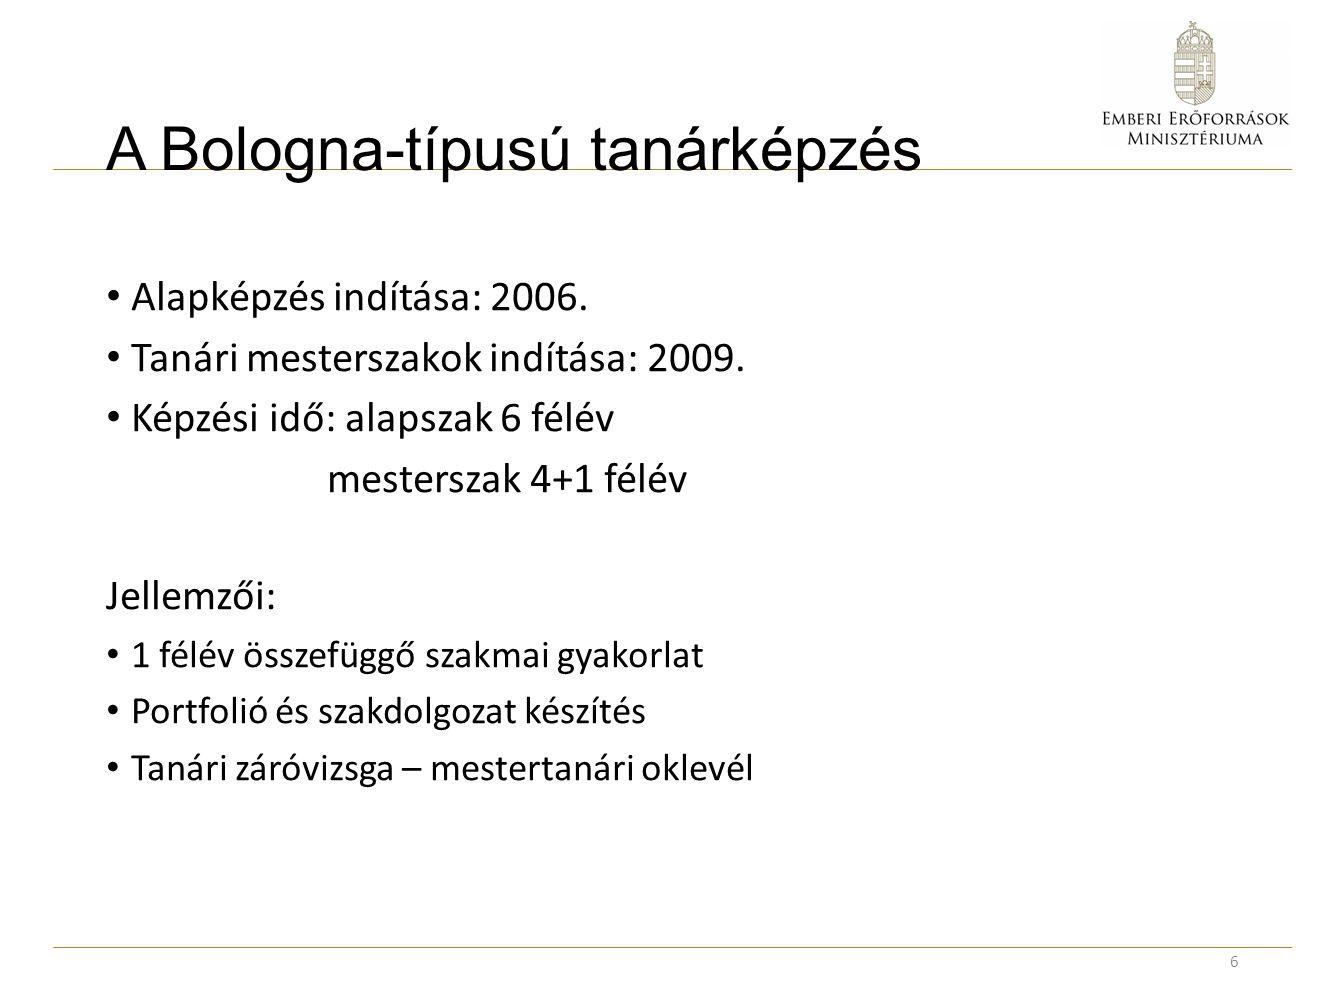 A Bologna-típusú tanárképzés Alapképzés indítása: 2006. Tanári mesterszakok indítása: 2009. Képzési idő: alapszak 6 félév mesterszak 4+1 félév Jellemz